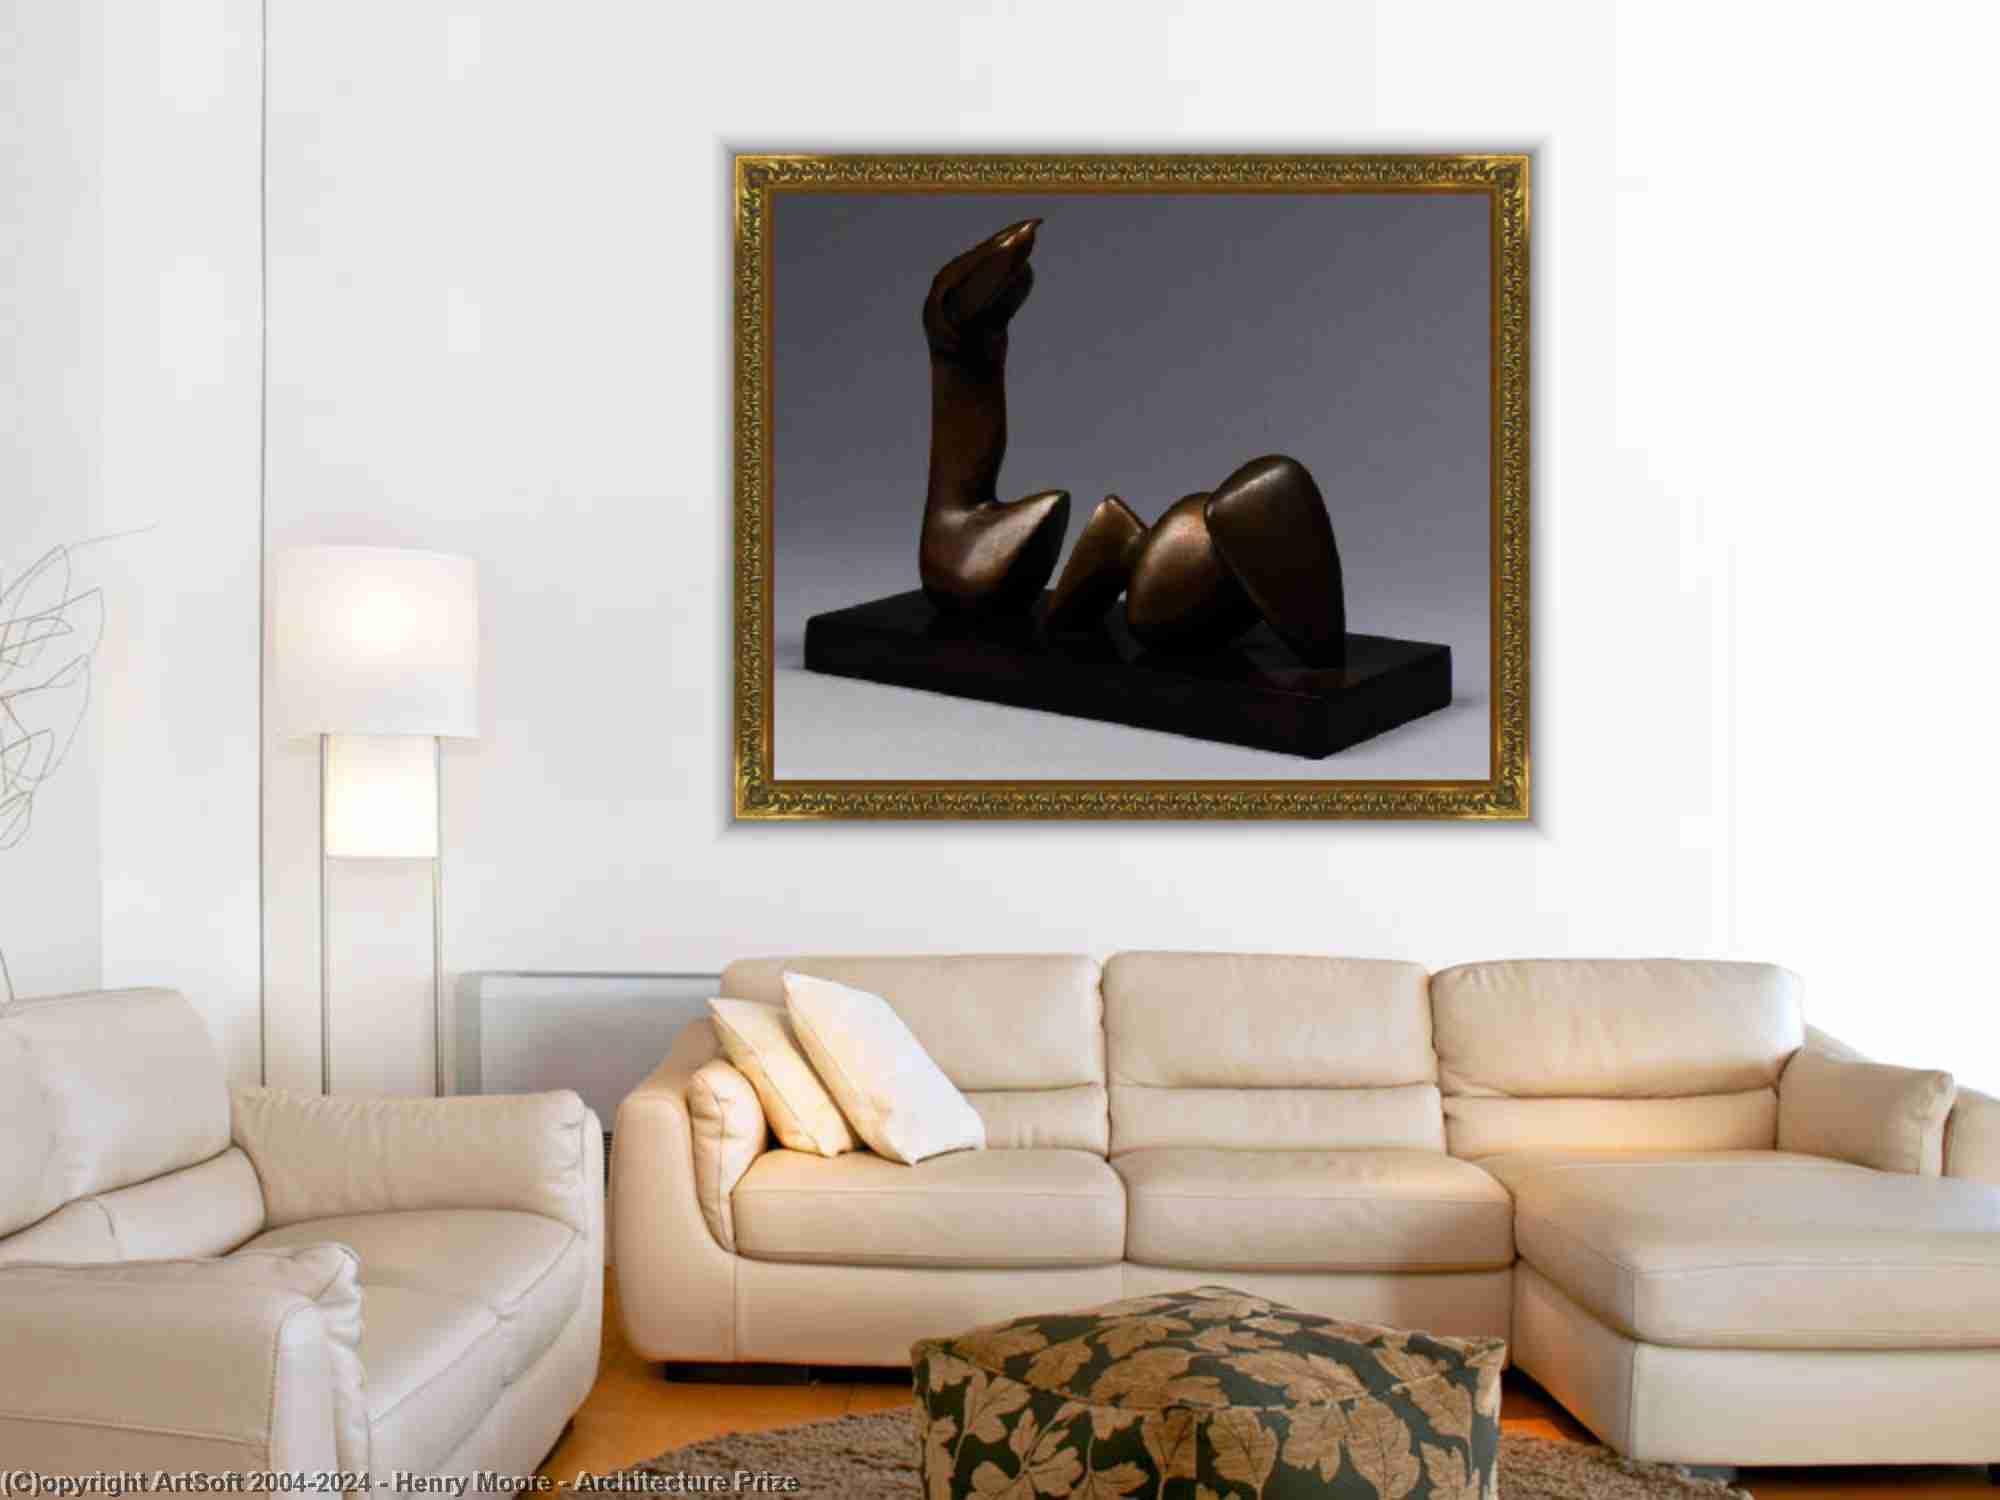 Henry Moore - Arquitectura Premio